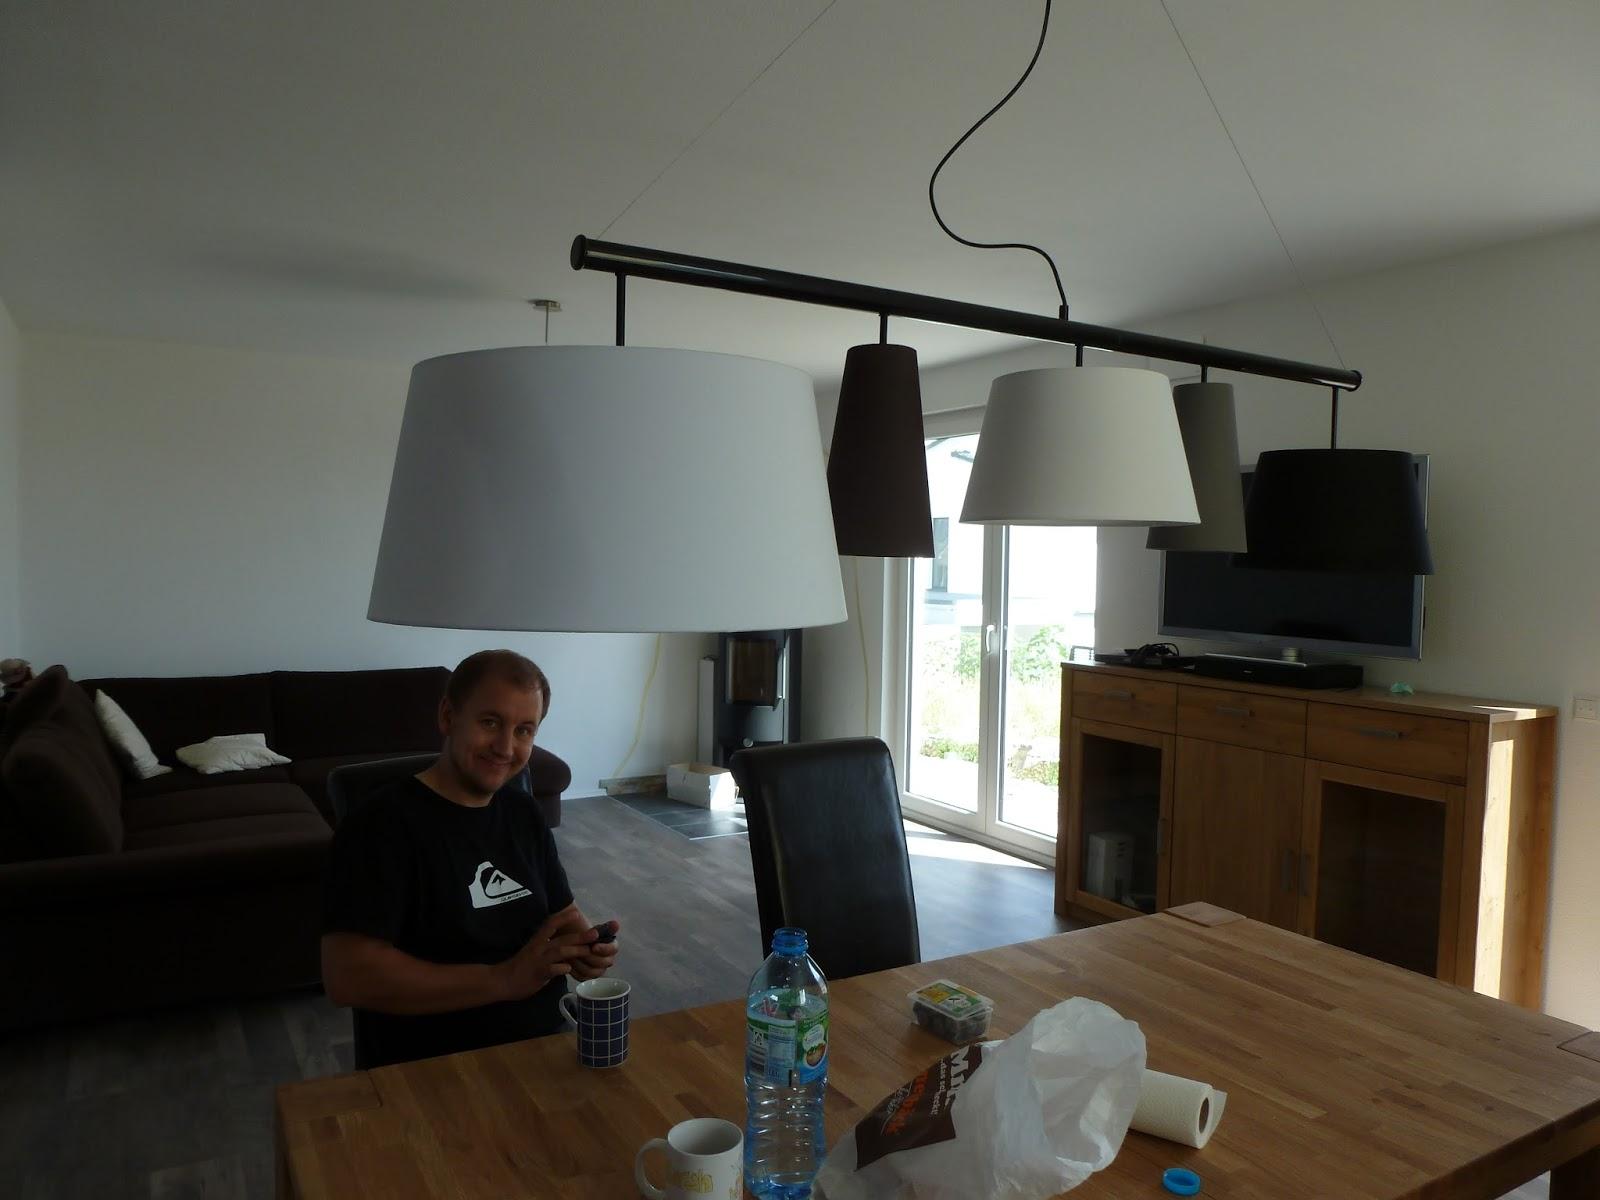 hausbau m s september 2013. Black Bedroom Furniture Sets. Home Design Ideas